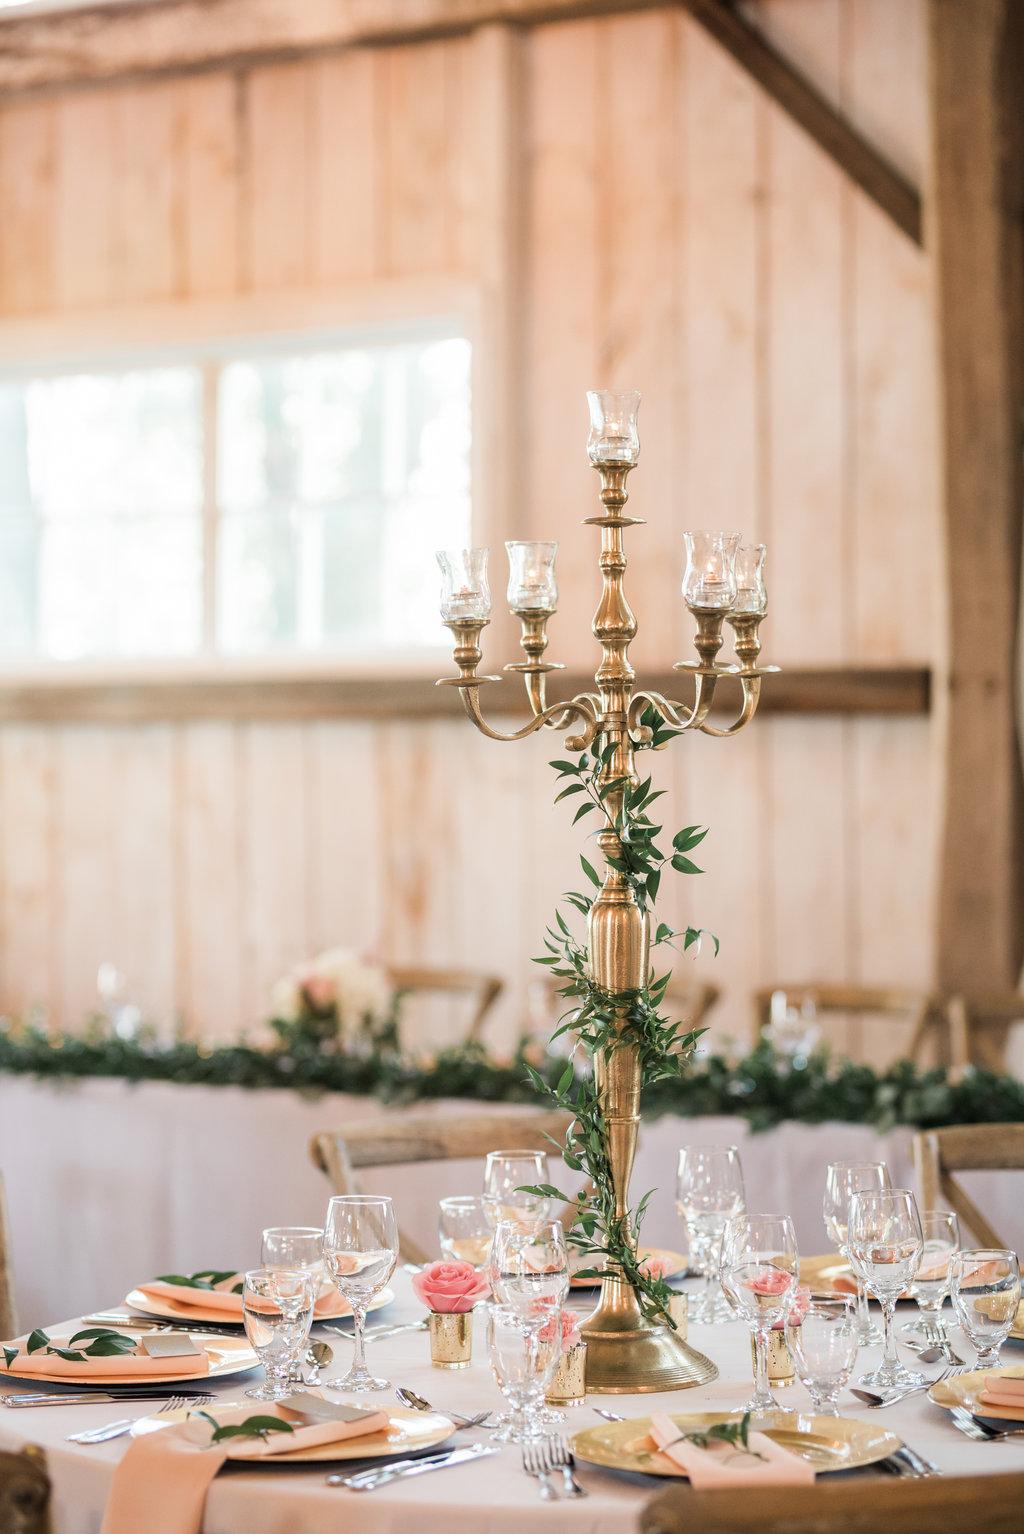 C&S - Summer Wedding at Stonefields - Ottawa Wedding Planner - 02